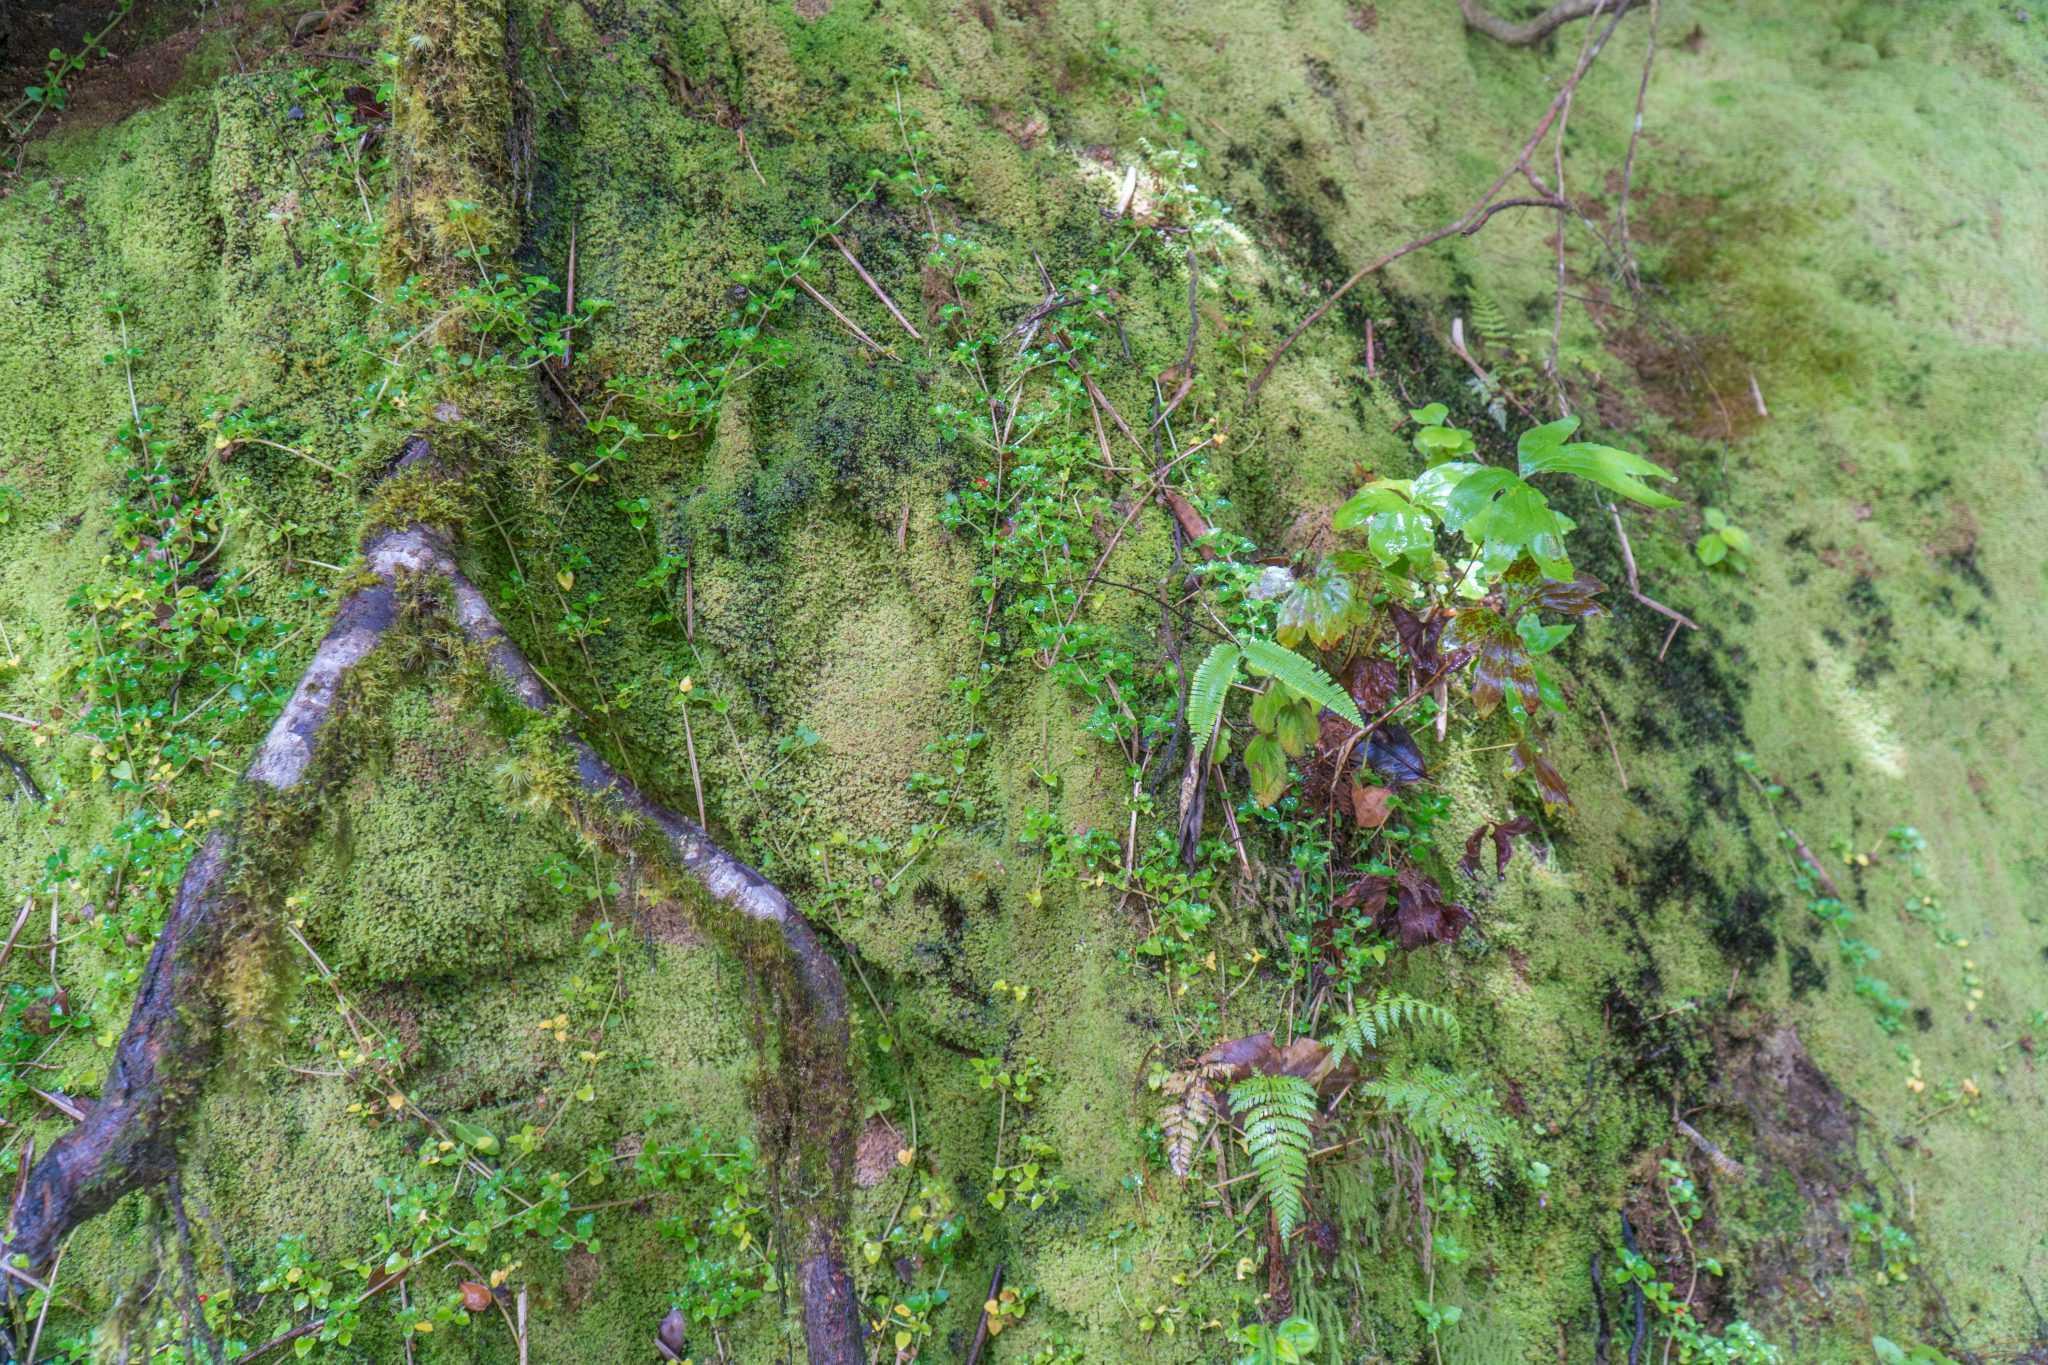 Mossy Forest tient son nom de la mousse omniprésente sur ces arbres...